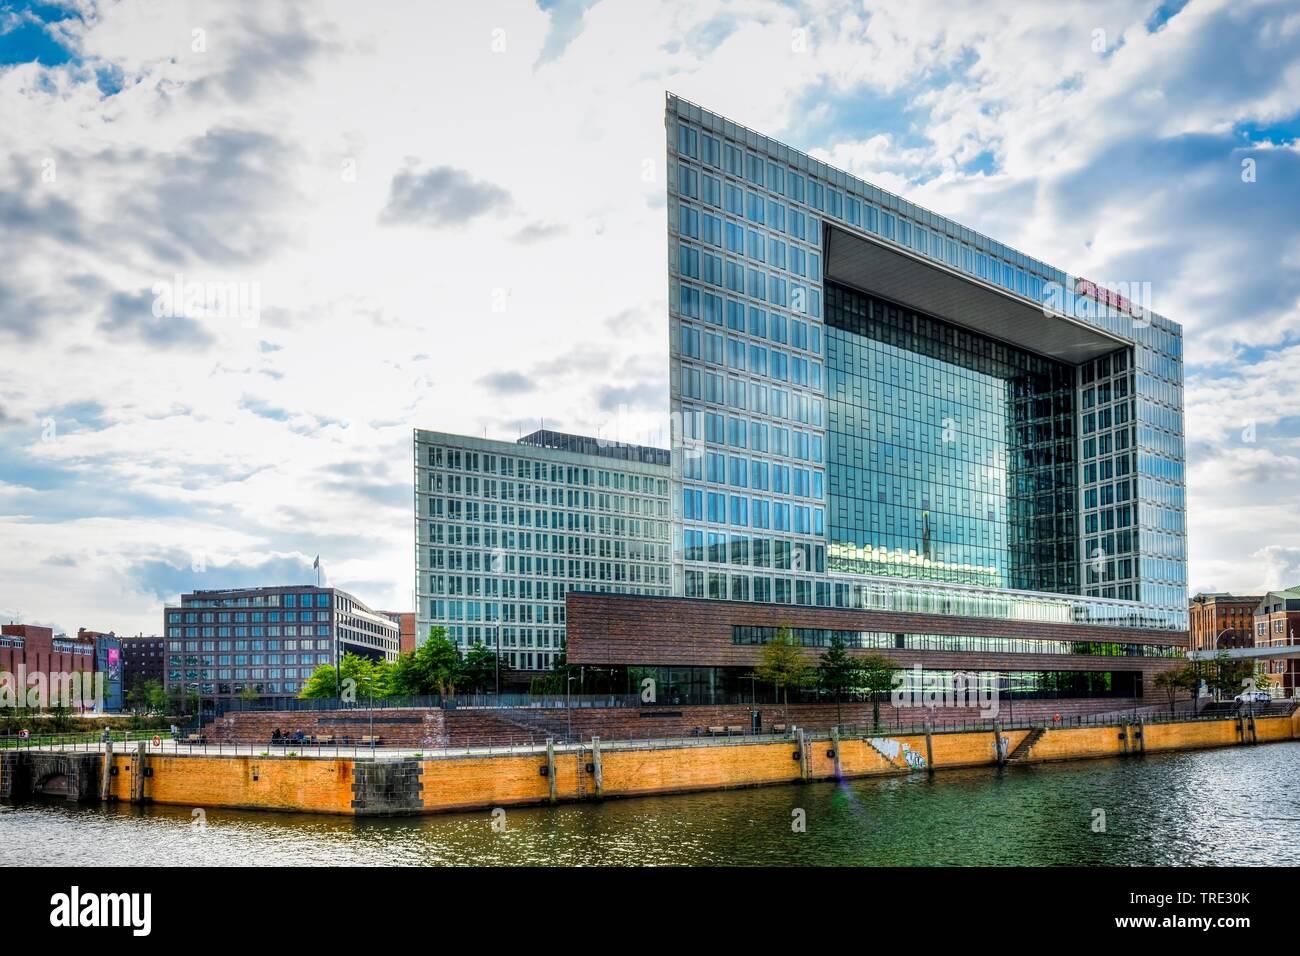 Spiegel-Gebaeude Ericusspitze in der HafenCity, Deutschland, Hamburg | Spiegel office building Ericusspitze in the HafenCity, Germany, Hamburg | BLWS5 - Stock Image